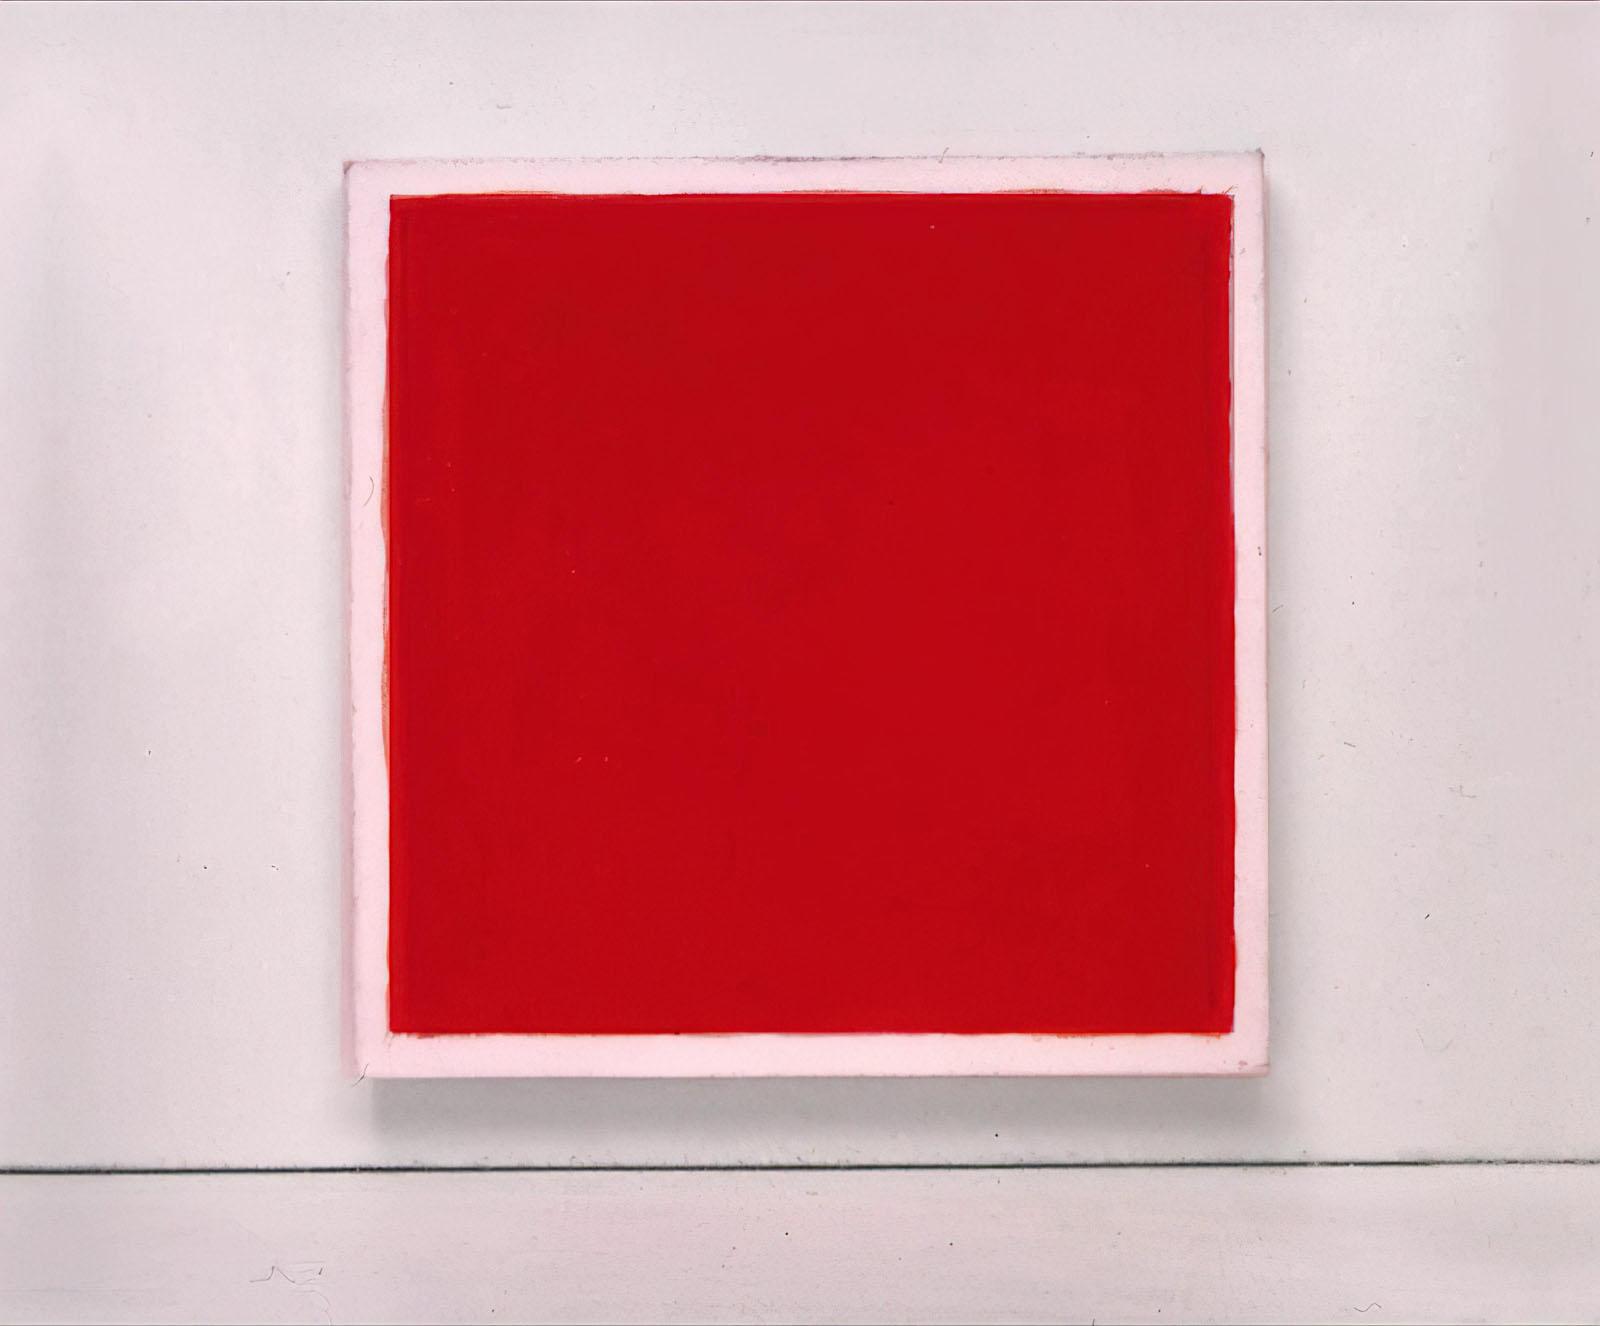 William Turnbull - Untitled